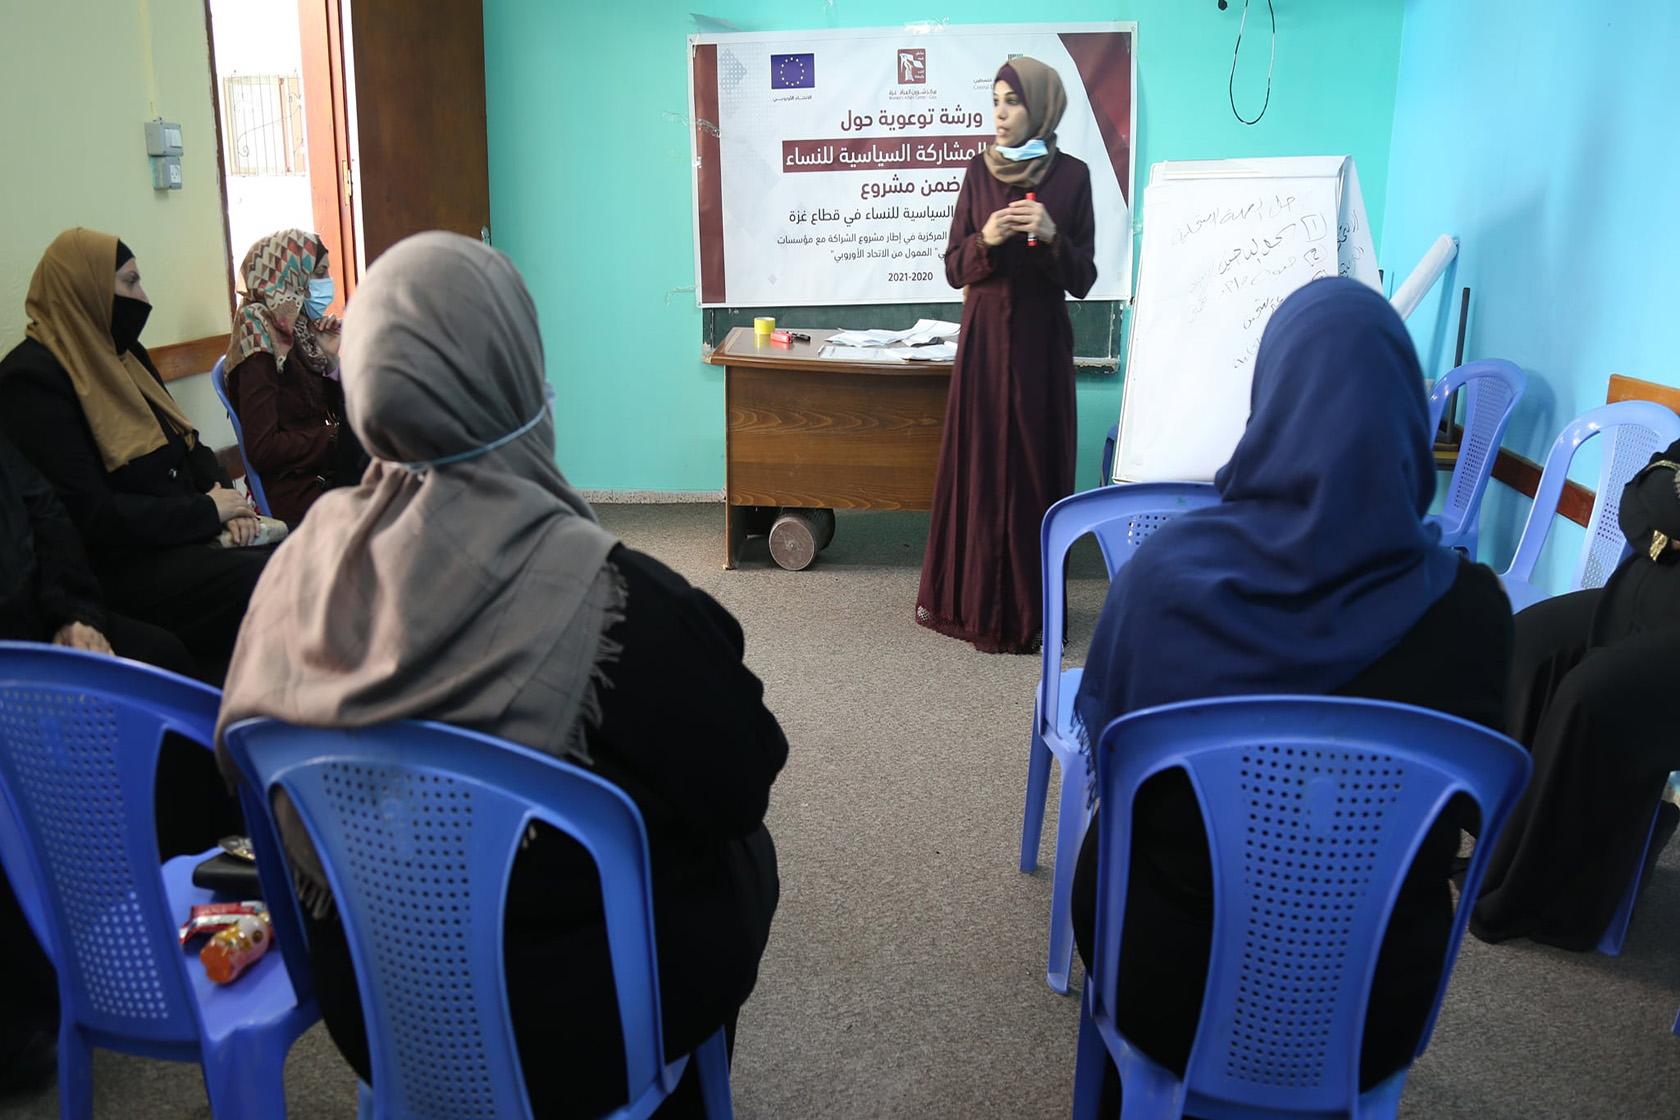 نحو فاعلية المرأة في المشاركة السياسية مركز شؤون المرأة ينفذ (20) ورشة توعوية سياسية انتخابية.